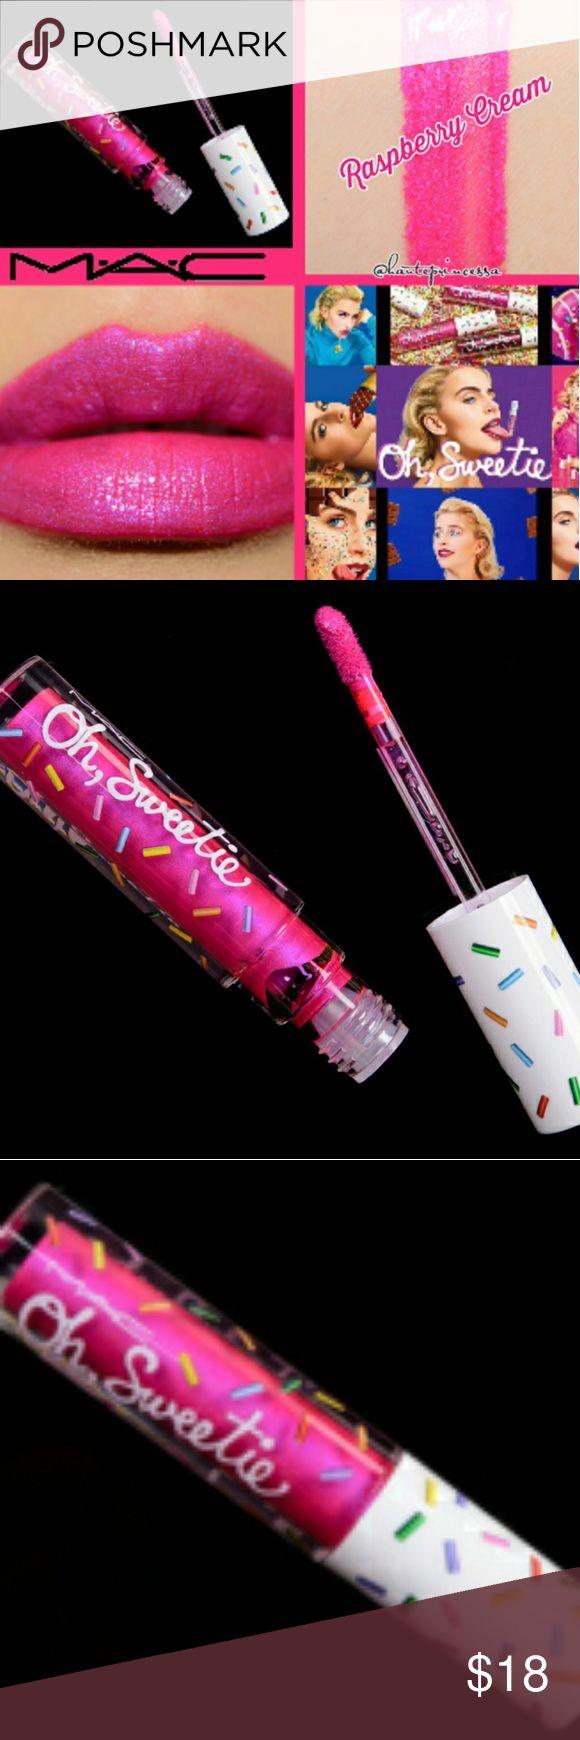 💋MAC Cosmetics Oh Sweetie Raspberry Cream lip 💋Mac Oh Sweetie Raspberry …